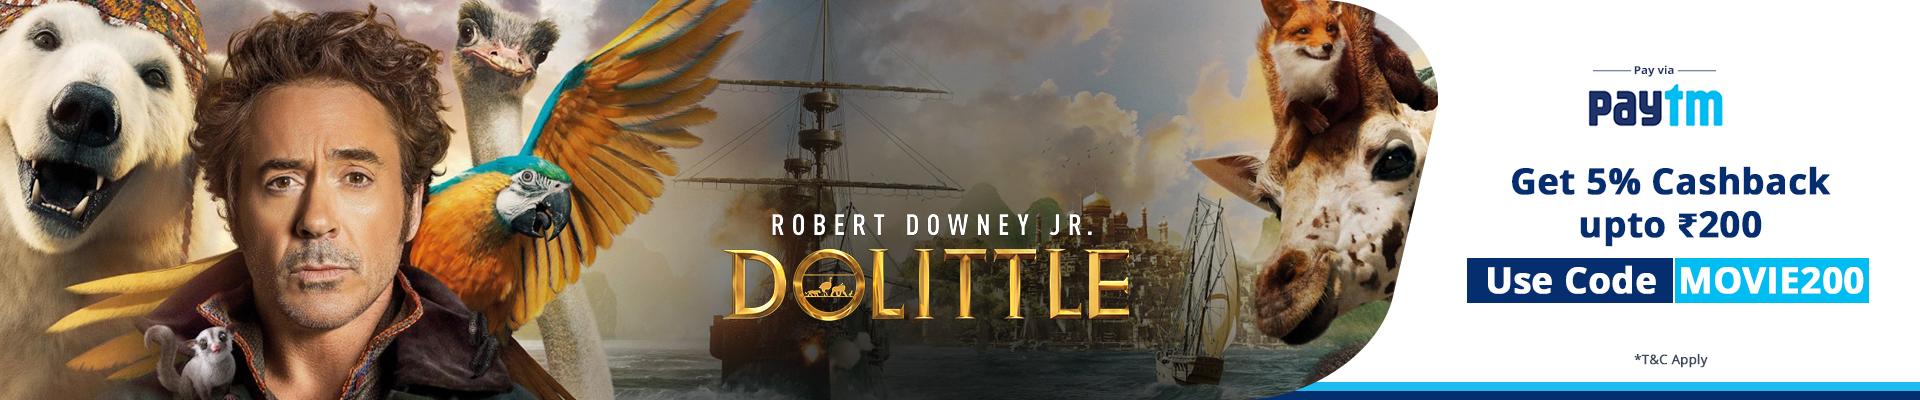 Dolittle2019